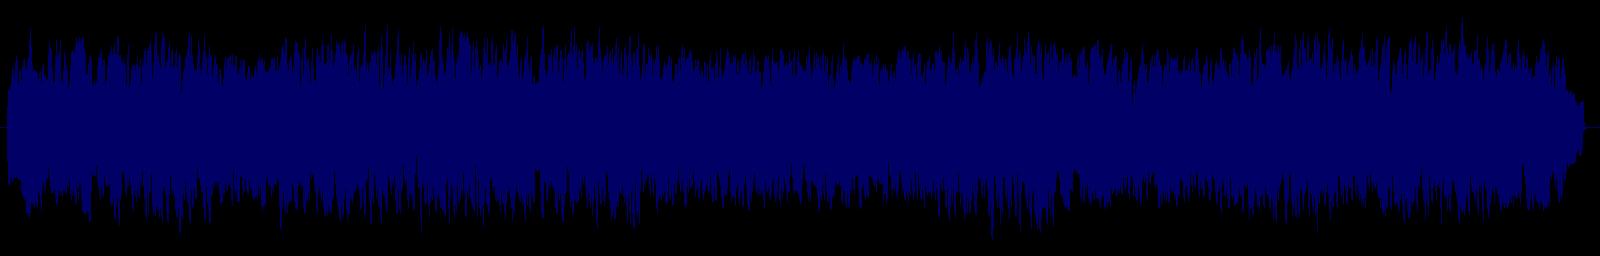 waveform of track #147463